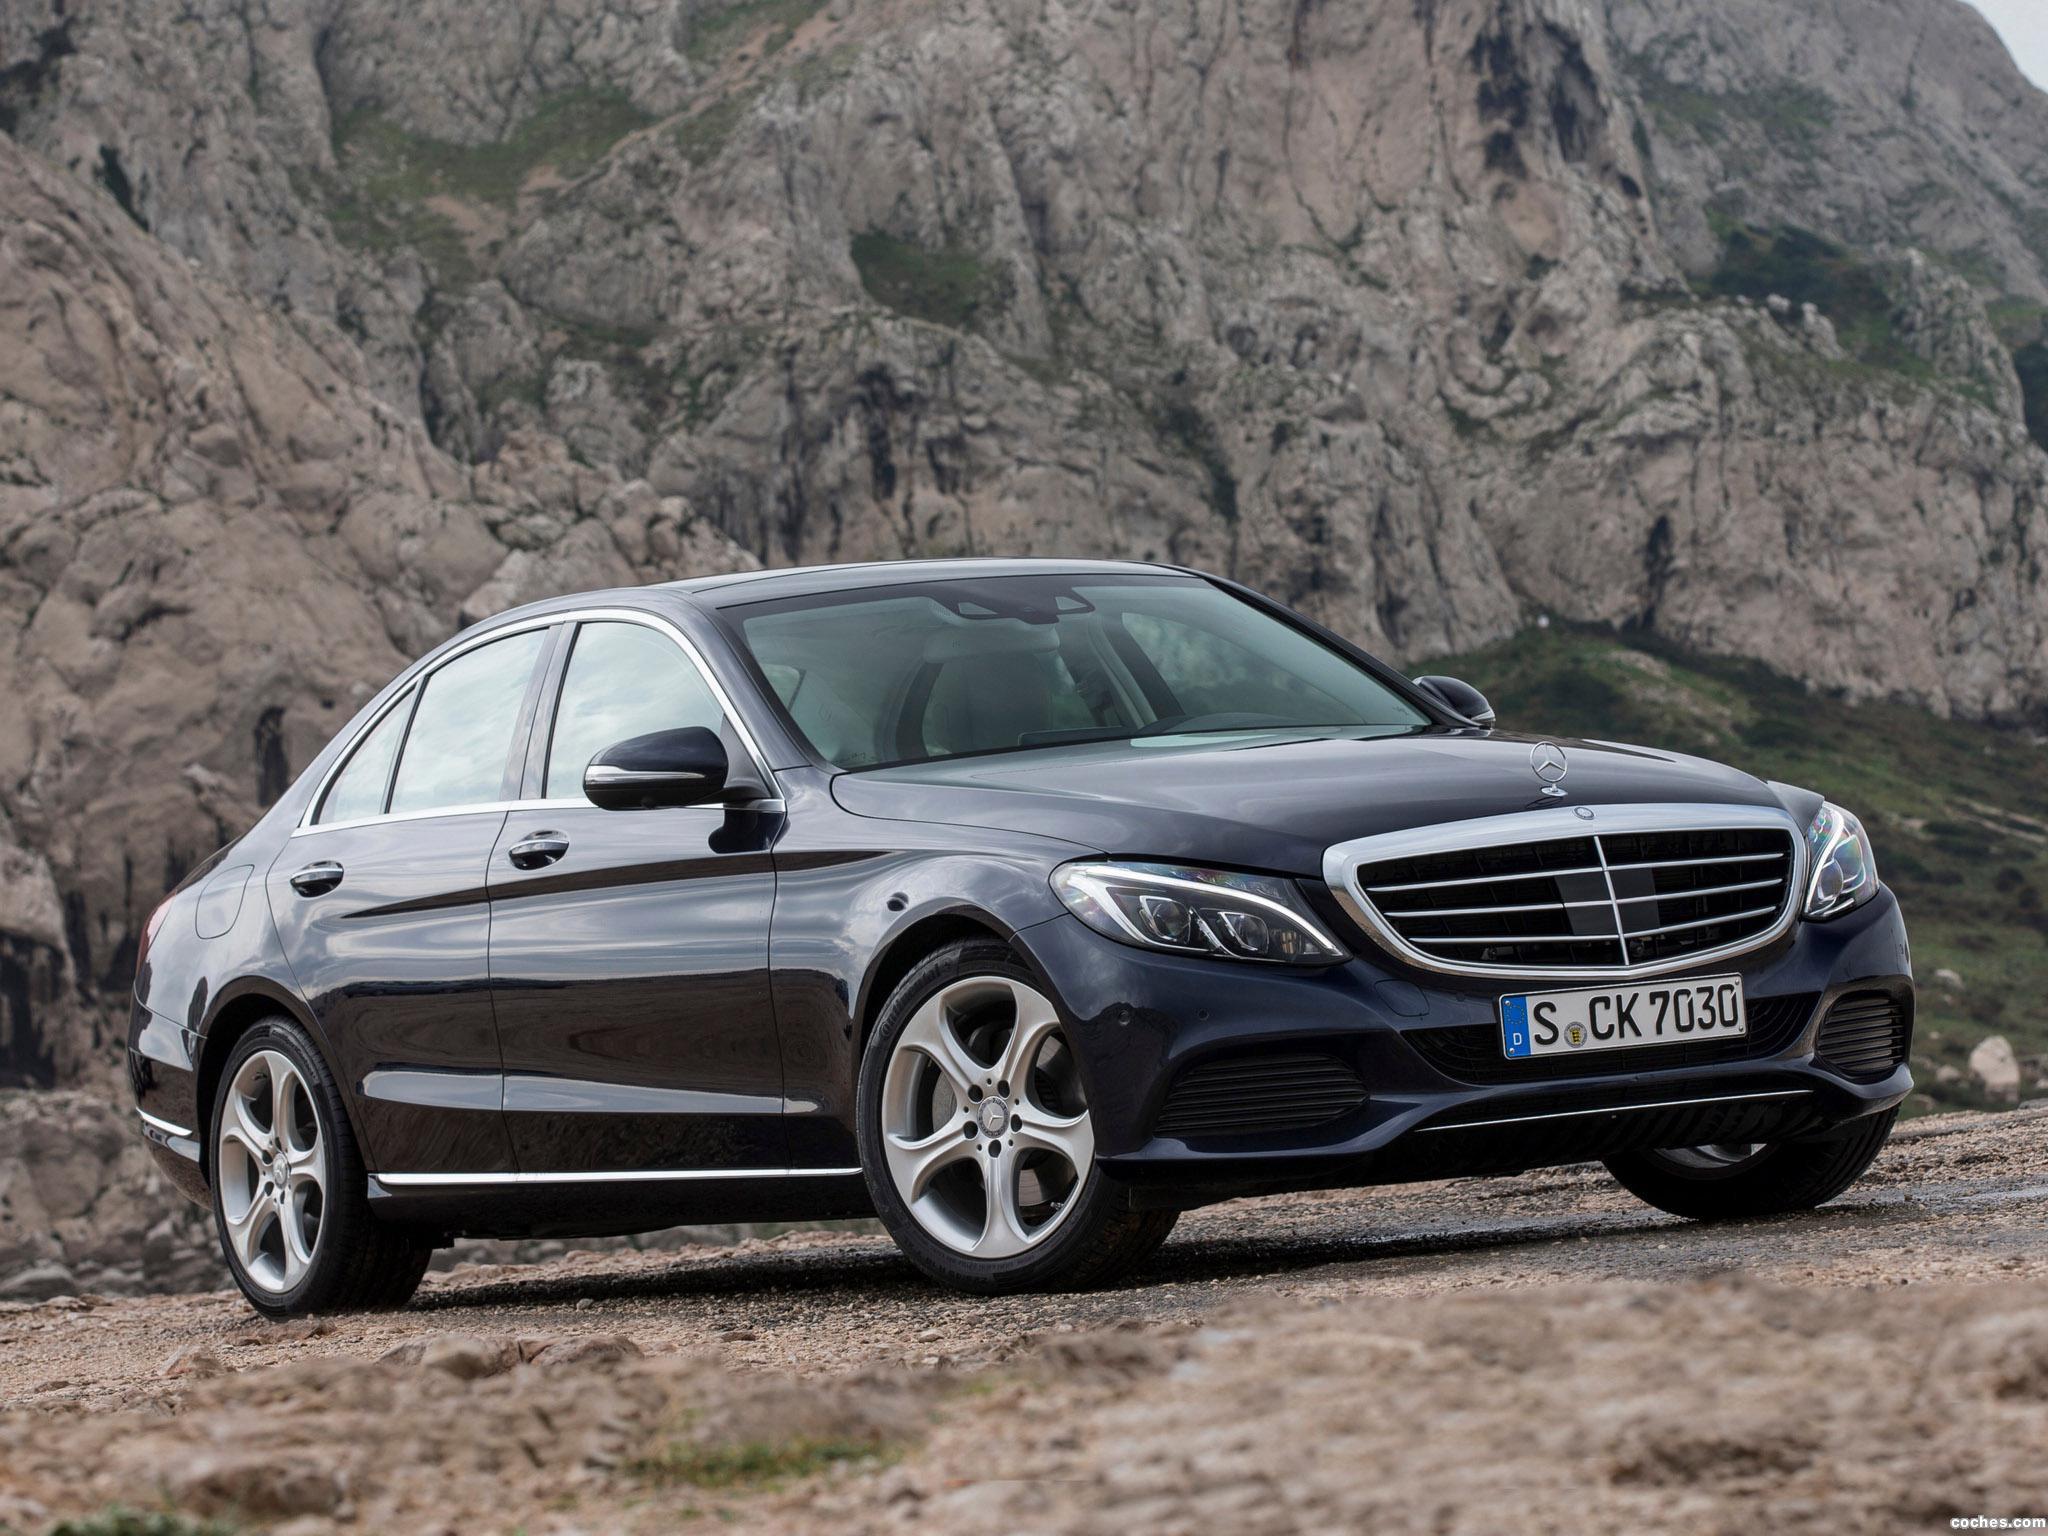 Foto 0 de Mercedes Clase C C250 BlueTec Exclusive Line W205 2014